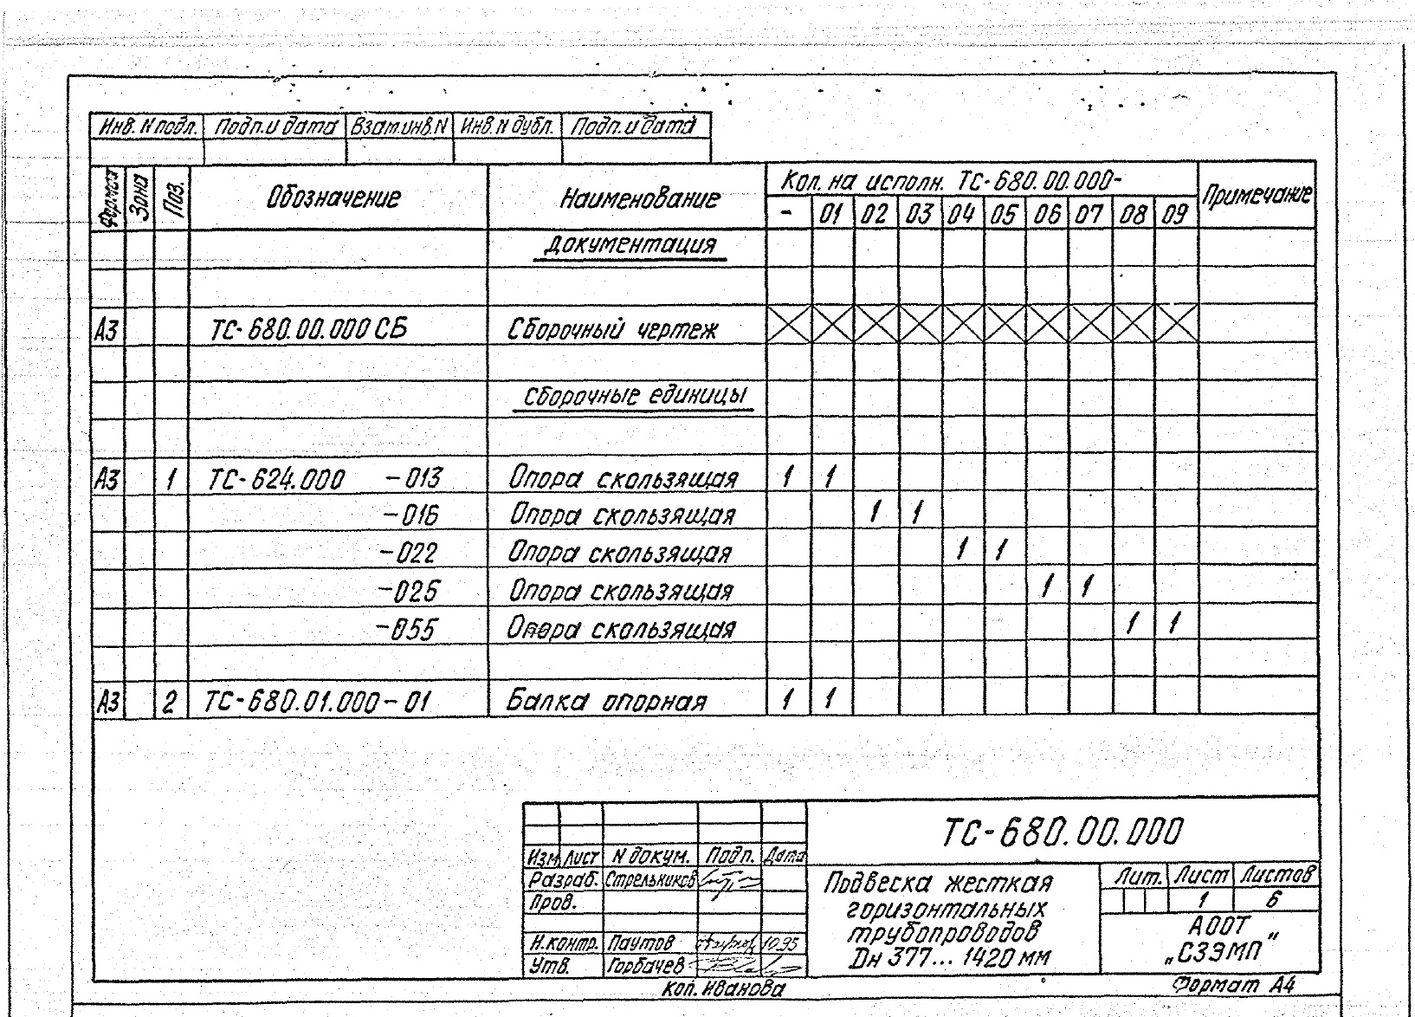 Podveski zhestkie Dn377-1420 TS-680 s.5.903-13 vyp.6-95 str.3